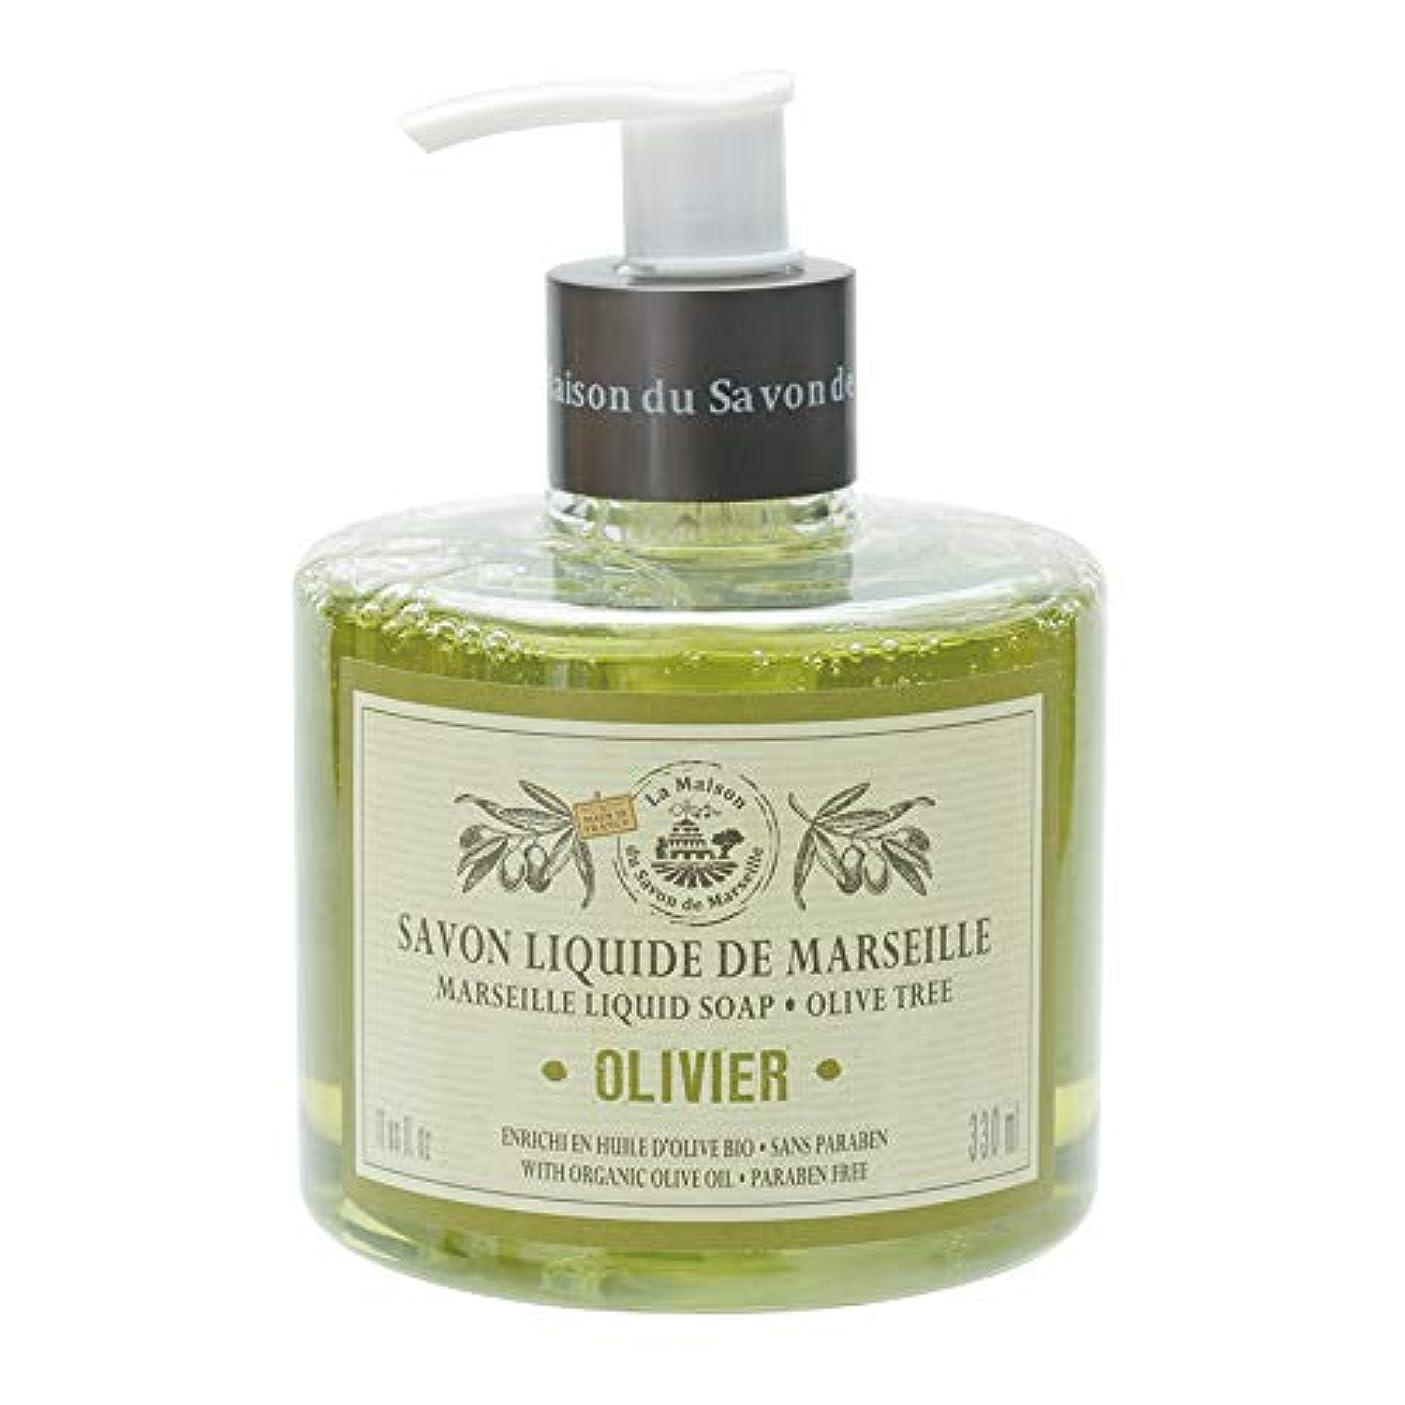 リネン同等の良さノルコーポレーション マルセイユ石鹸 リキッドソープ 330ml オリーブの香り MLL-1-4